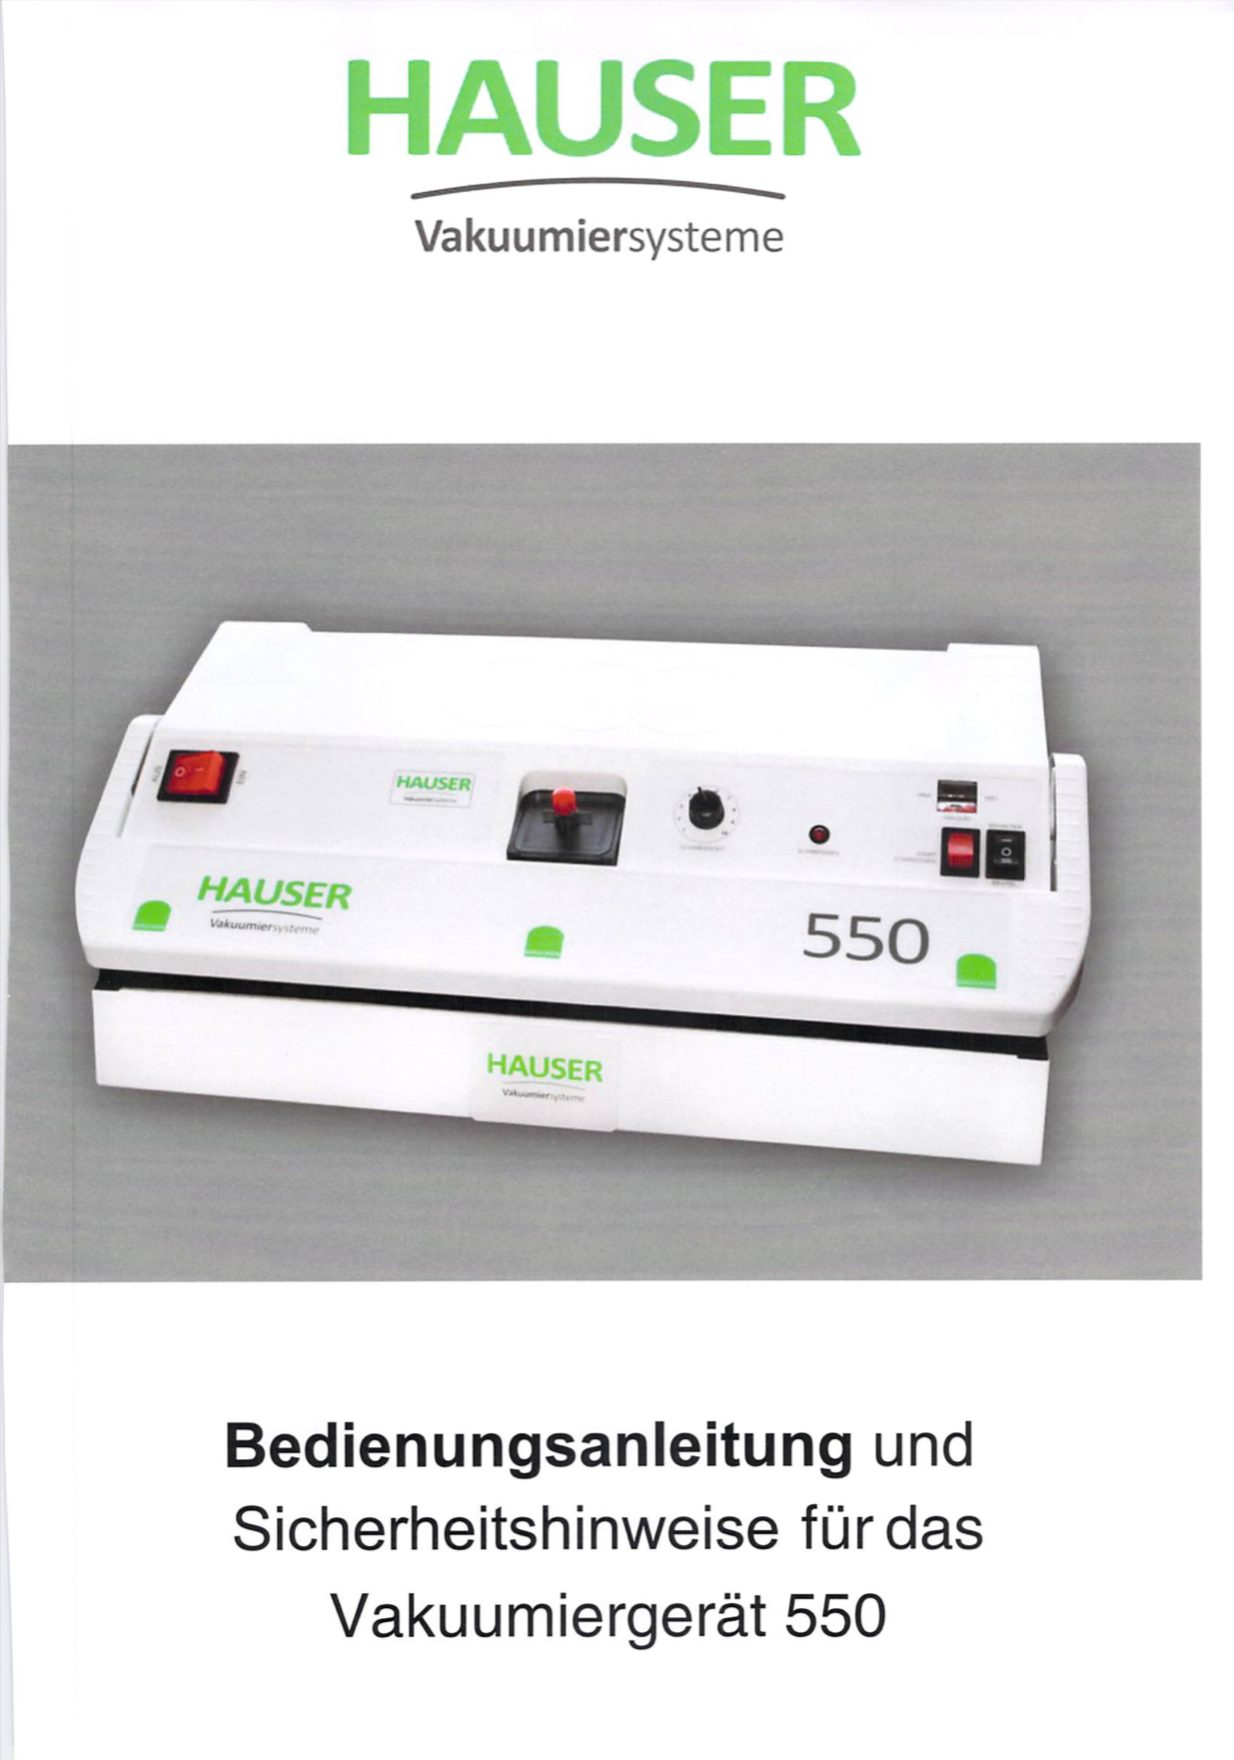 Bedienungsanleitung_550